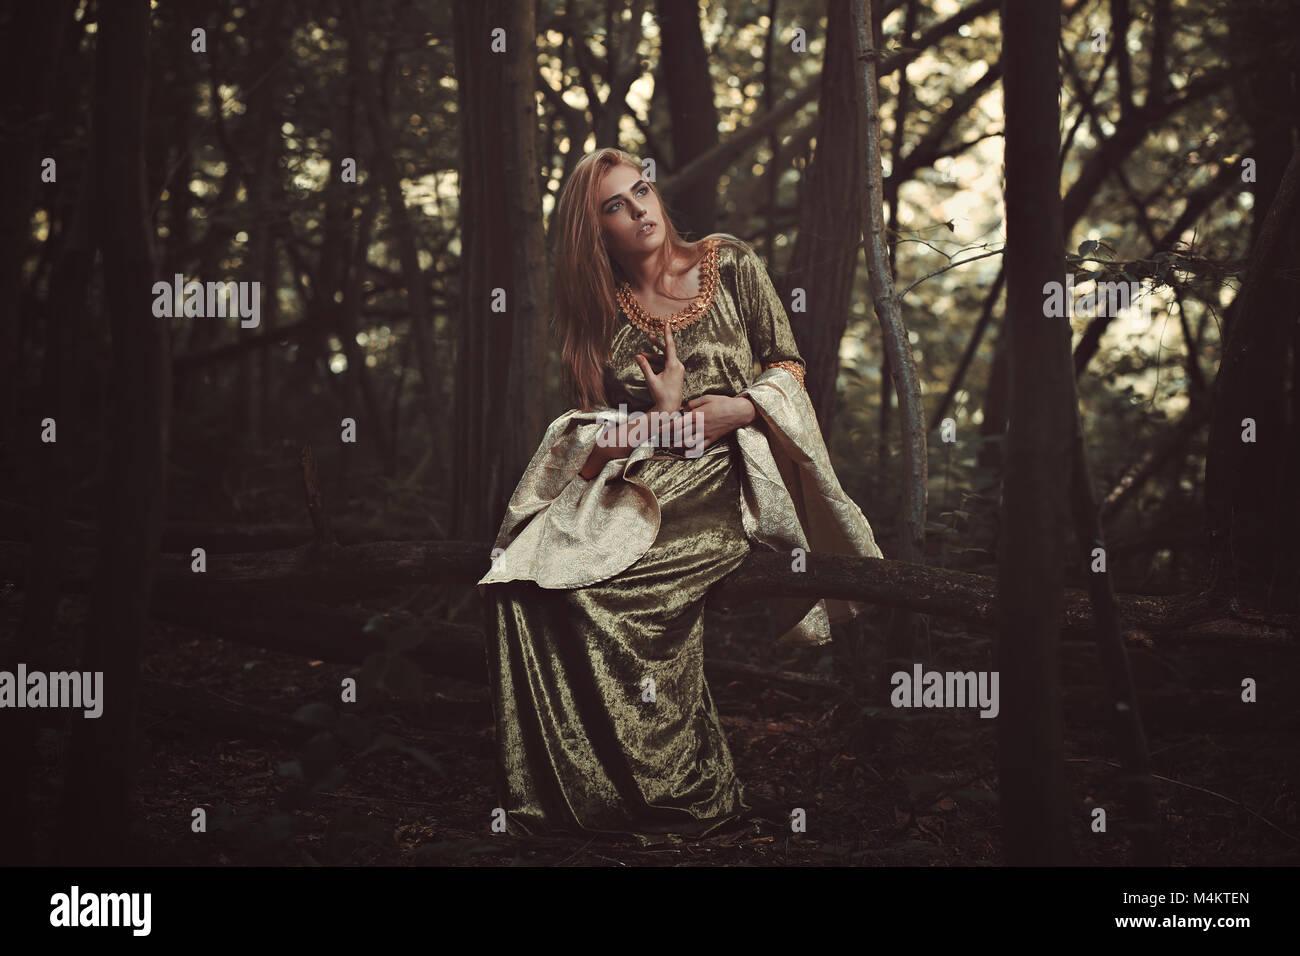 Bella Signora foliatile nella foresta magica. Fantasy shot Foto Stock